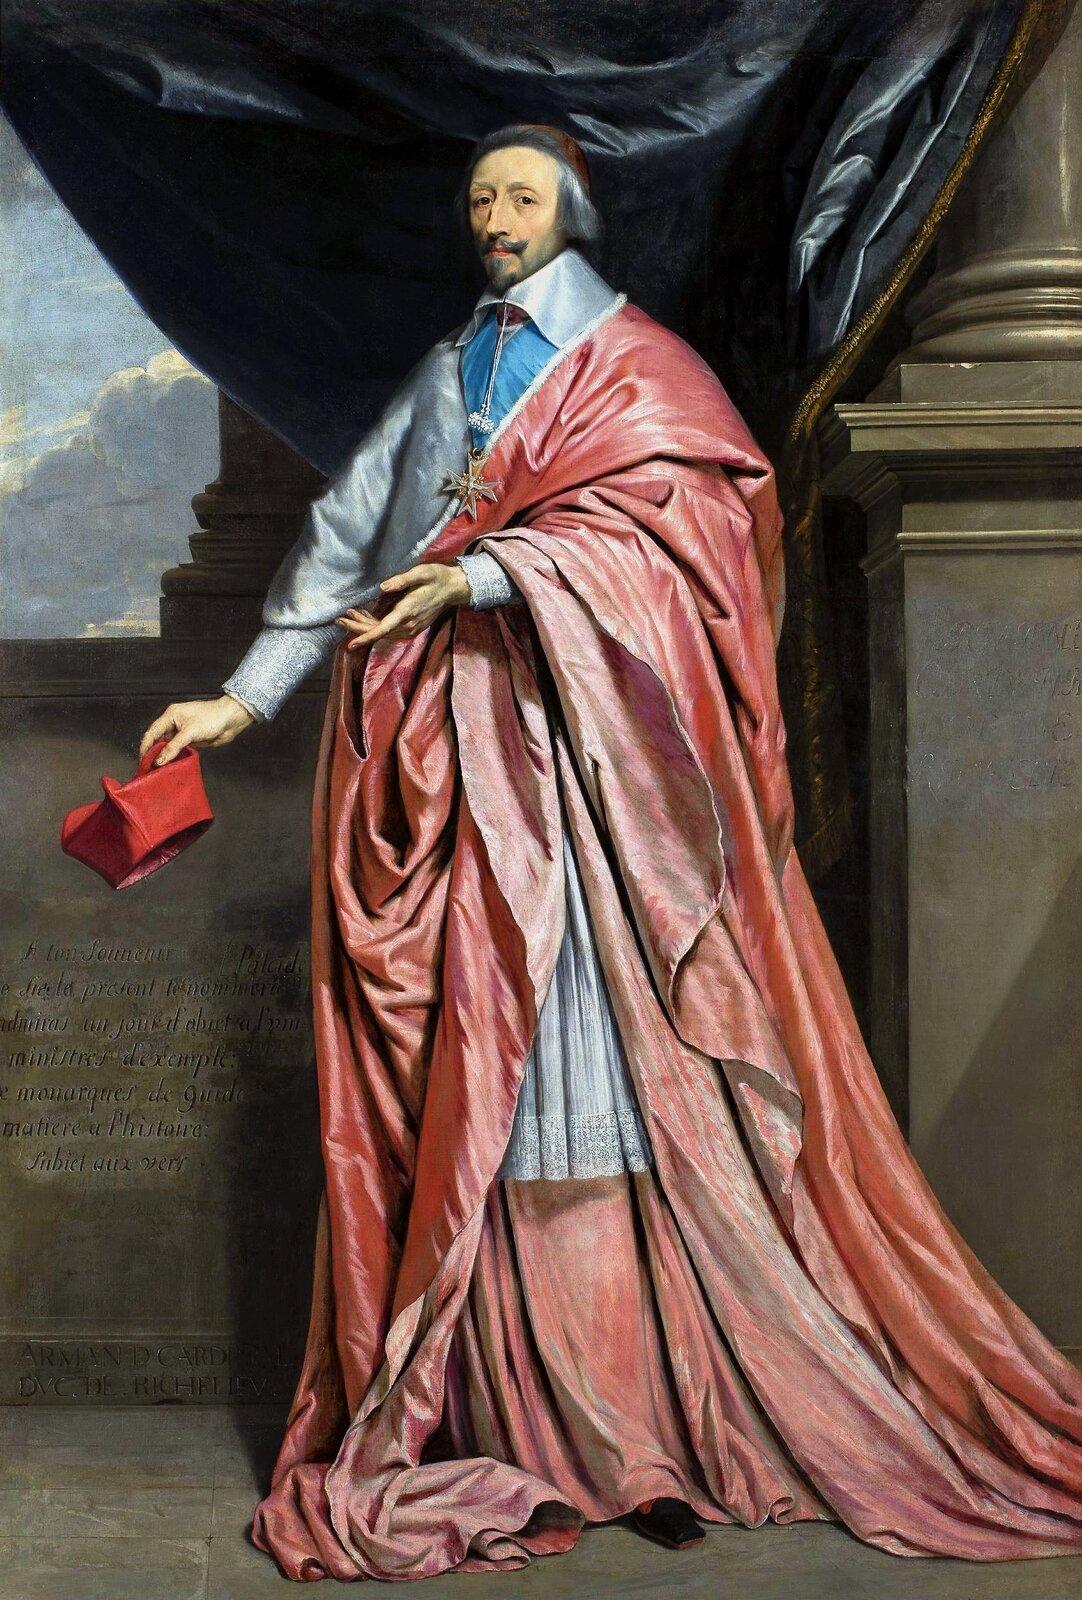 """Ilustracja przedstawia obraz Philippe de Champaigne """"Portret Kardynała Richelieu"""". Kardynał przedstawiony jest wpozycji stojącej na tle wzorzystej kotary. Stoi wpozycji zarezerwowanej jedynie dla monarchów oraz dla mężów stanu. Ubrany jest wczerwony płaszcz, który podkreśla jego funkcję ipozycję. Na piersi ma zawieszony order świętego Ducha. Gest jego ręki jest teatralny iwyrafinowany, to jednocześnie doskonałe studium dłoni. Malarz precyzyjnie oddaje draperie oraz detale koronkowe komży. Kolumna wtle dodaje powagi istanowi odwołanie do klasycznych wartości."""